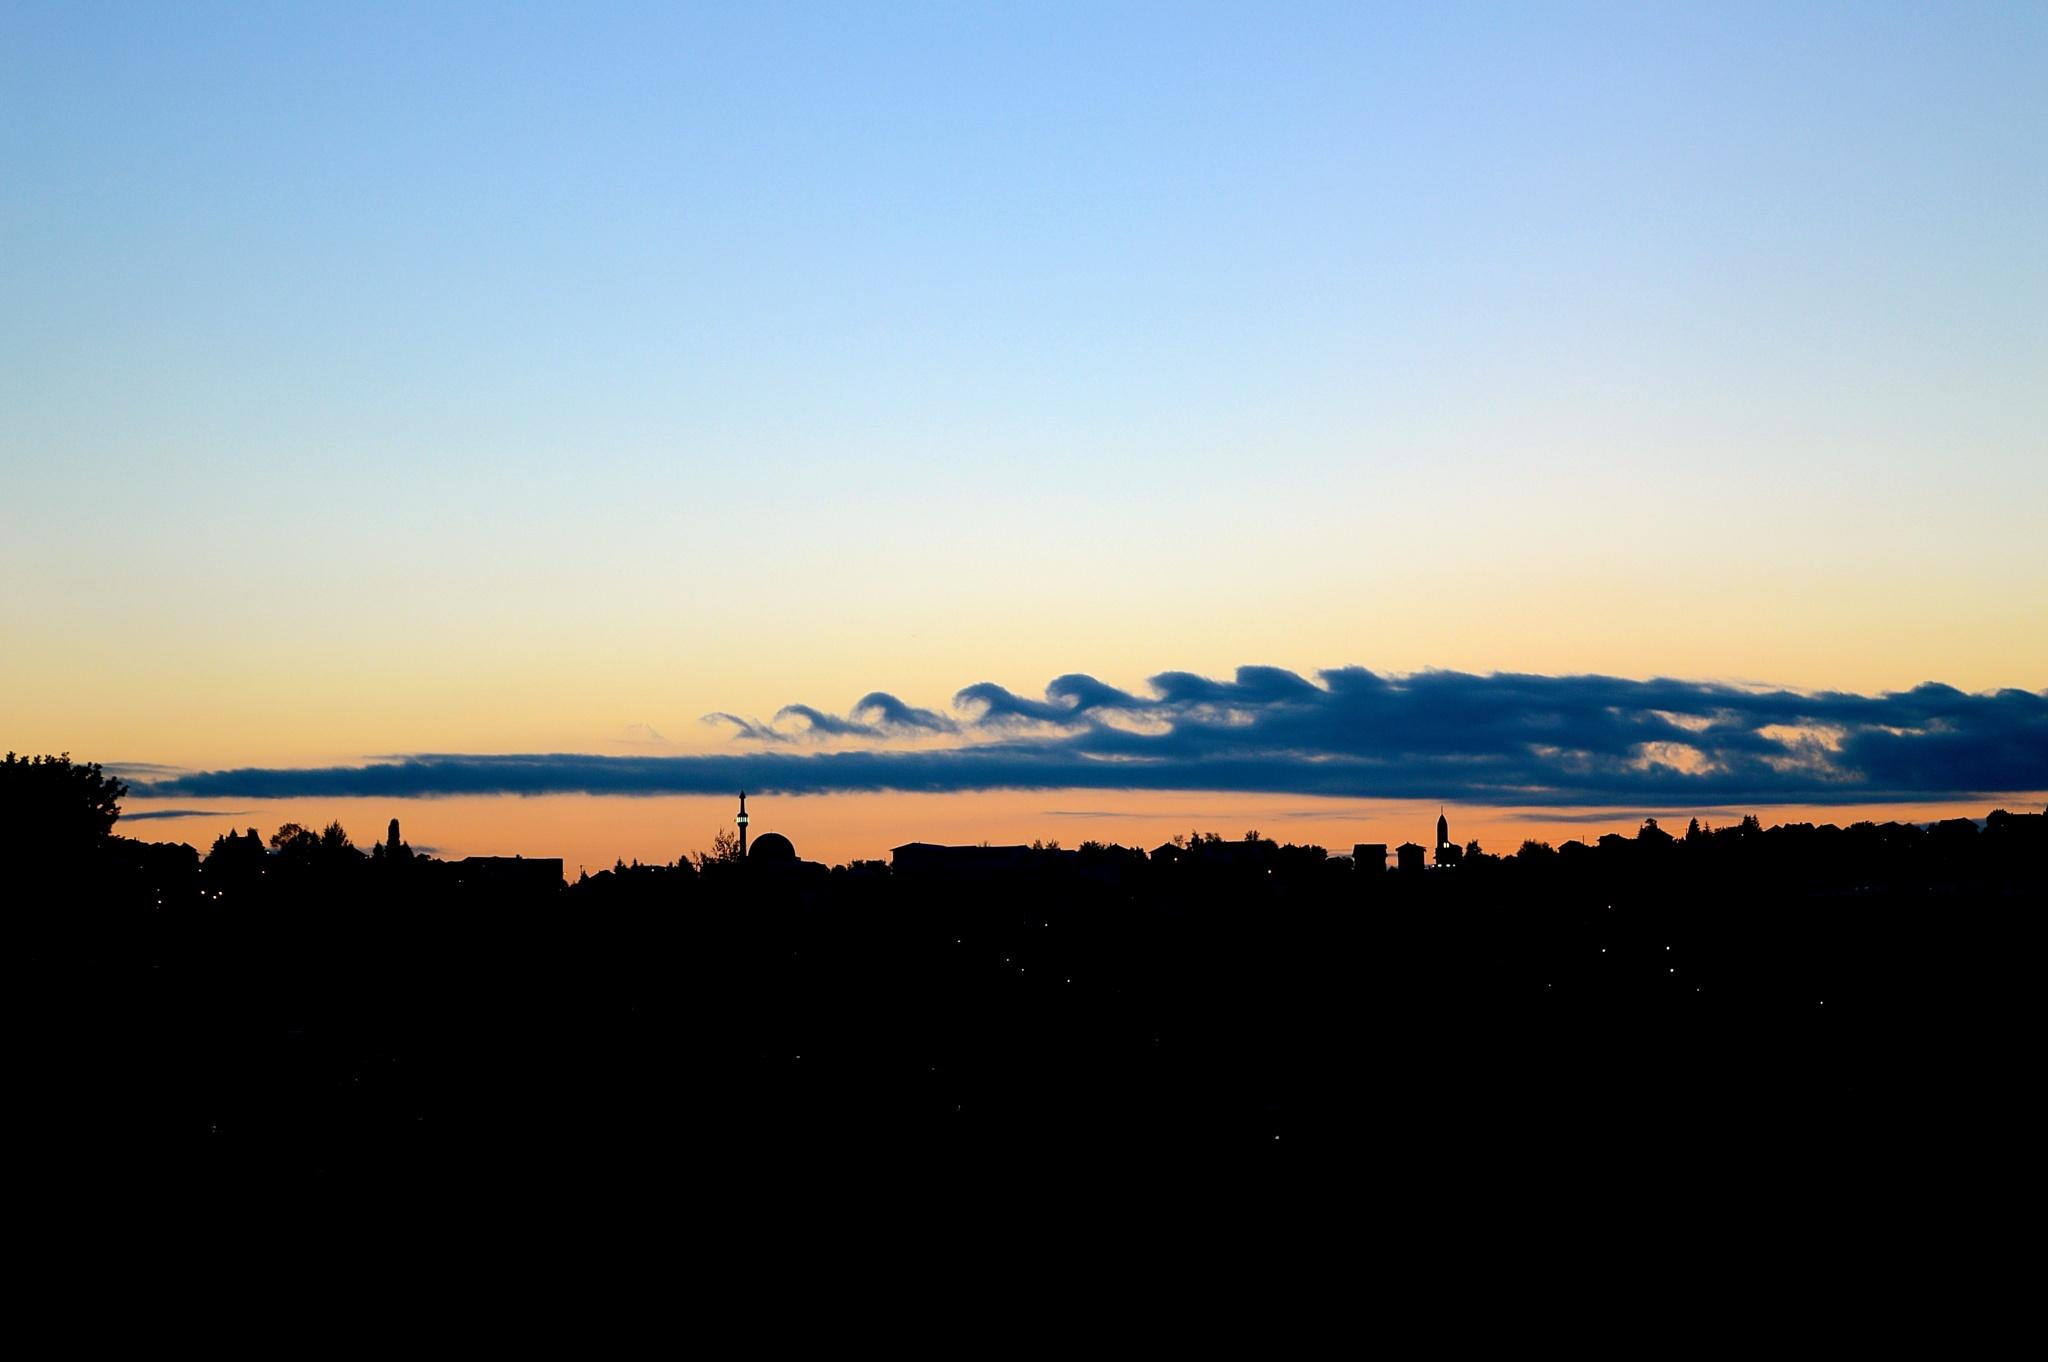 Waves in the sky by Dženana Glavinić